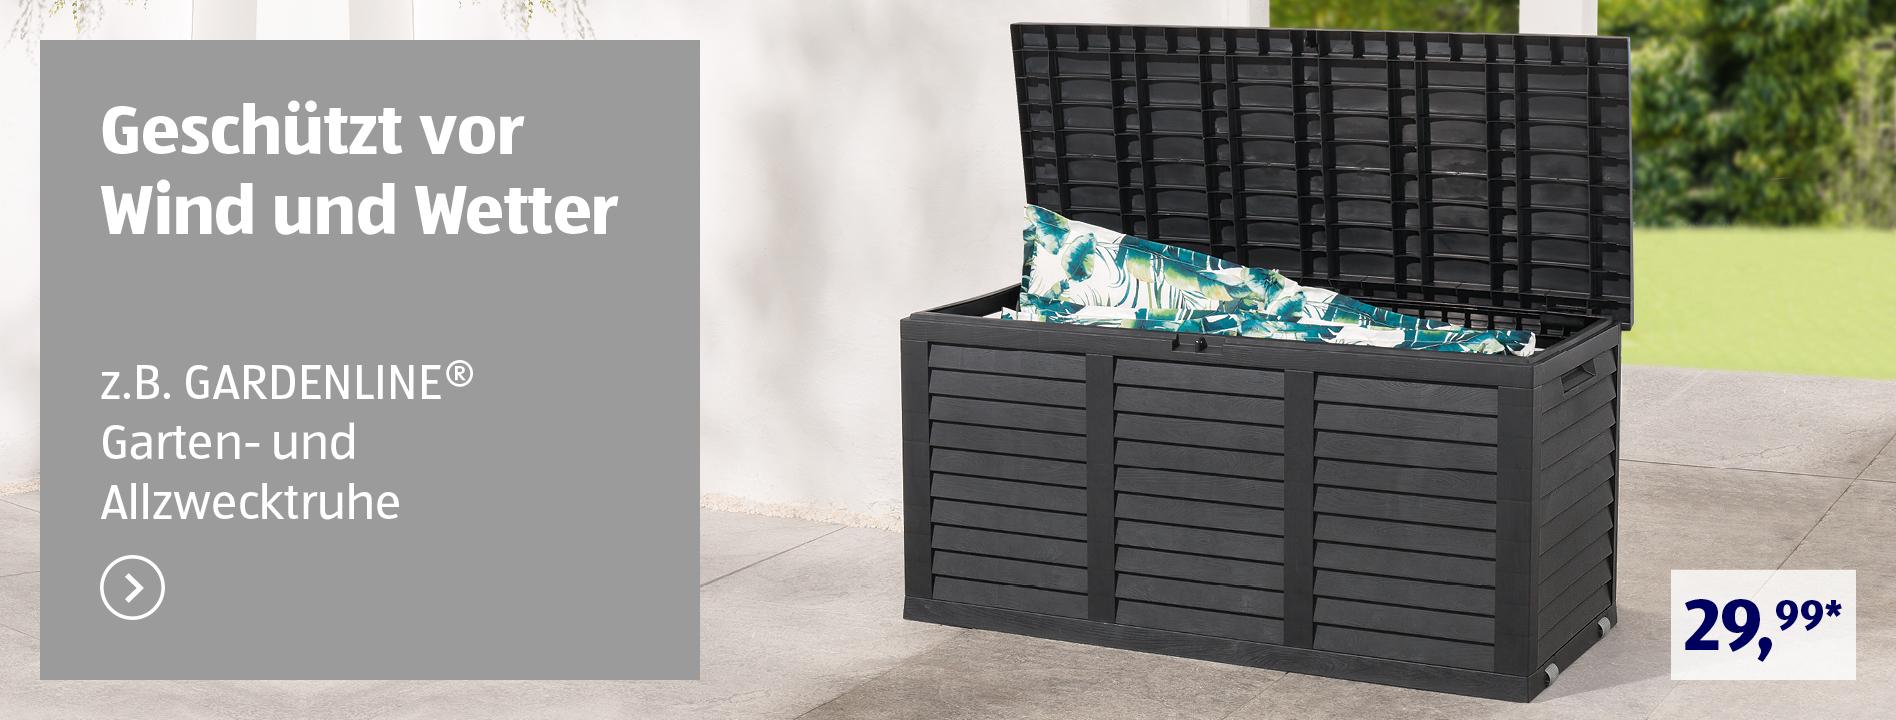 Full Size of Solarkugeln Aldi Sd Angebote Ab Do Relaxsessel Garten Wohnzimmer Solarkugeln Aldi